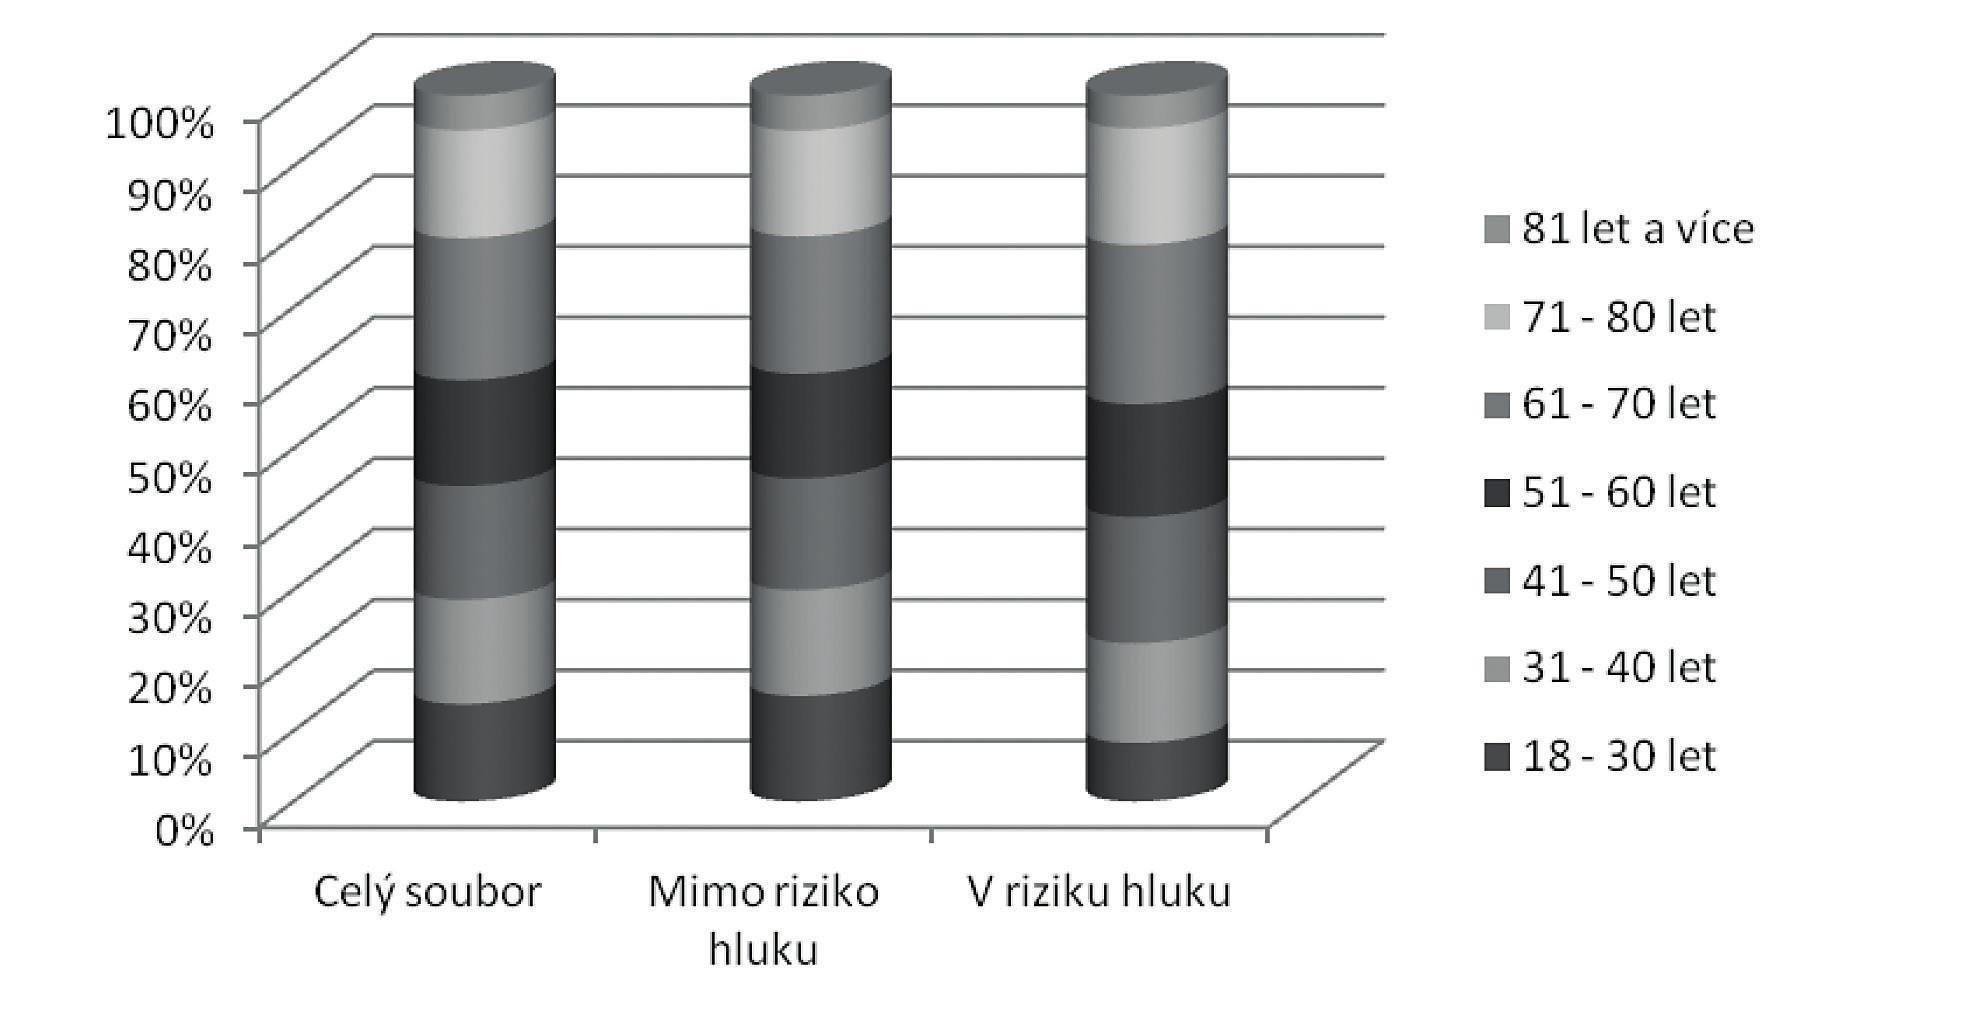 Procentuální rozložení mužů v jednotlivých věkových skupinách